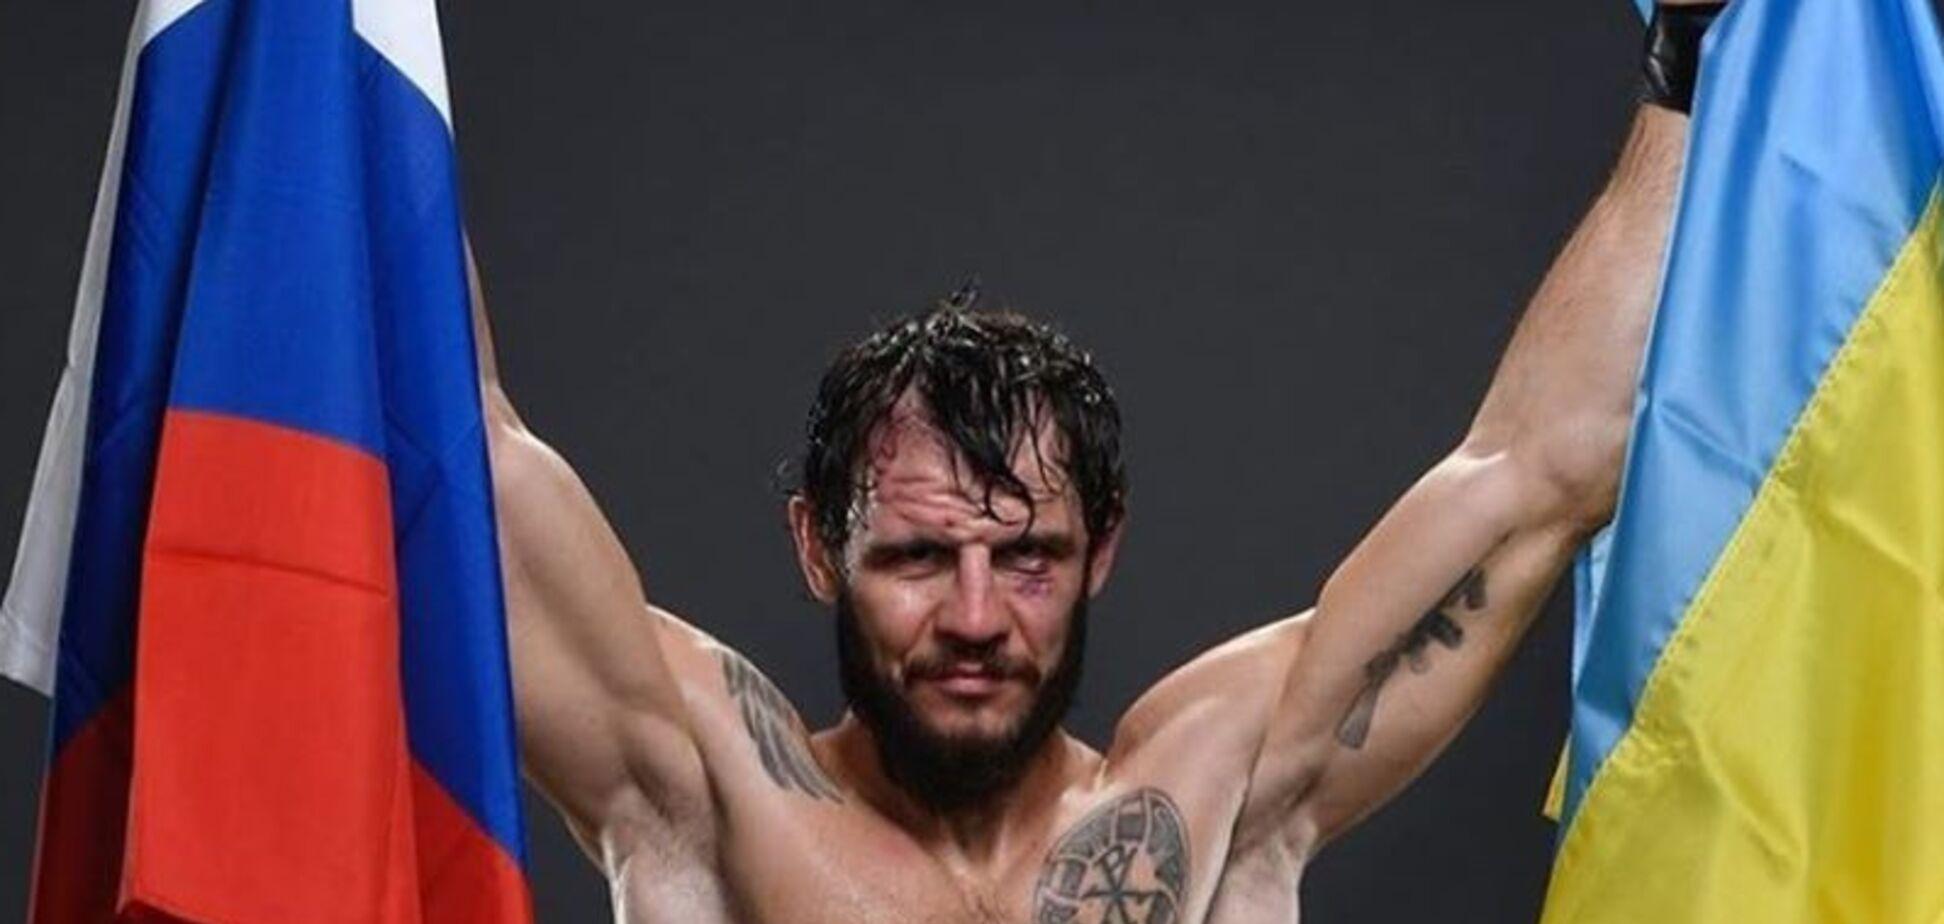 Украинский боец UFC после победы выложил фото с российским флагом